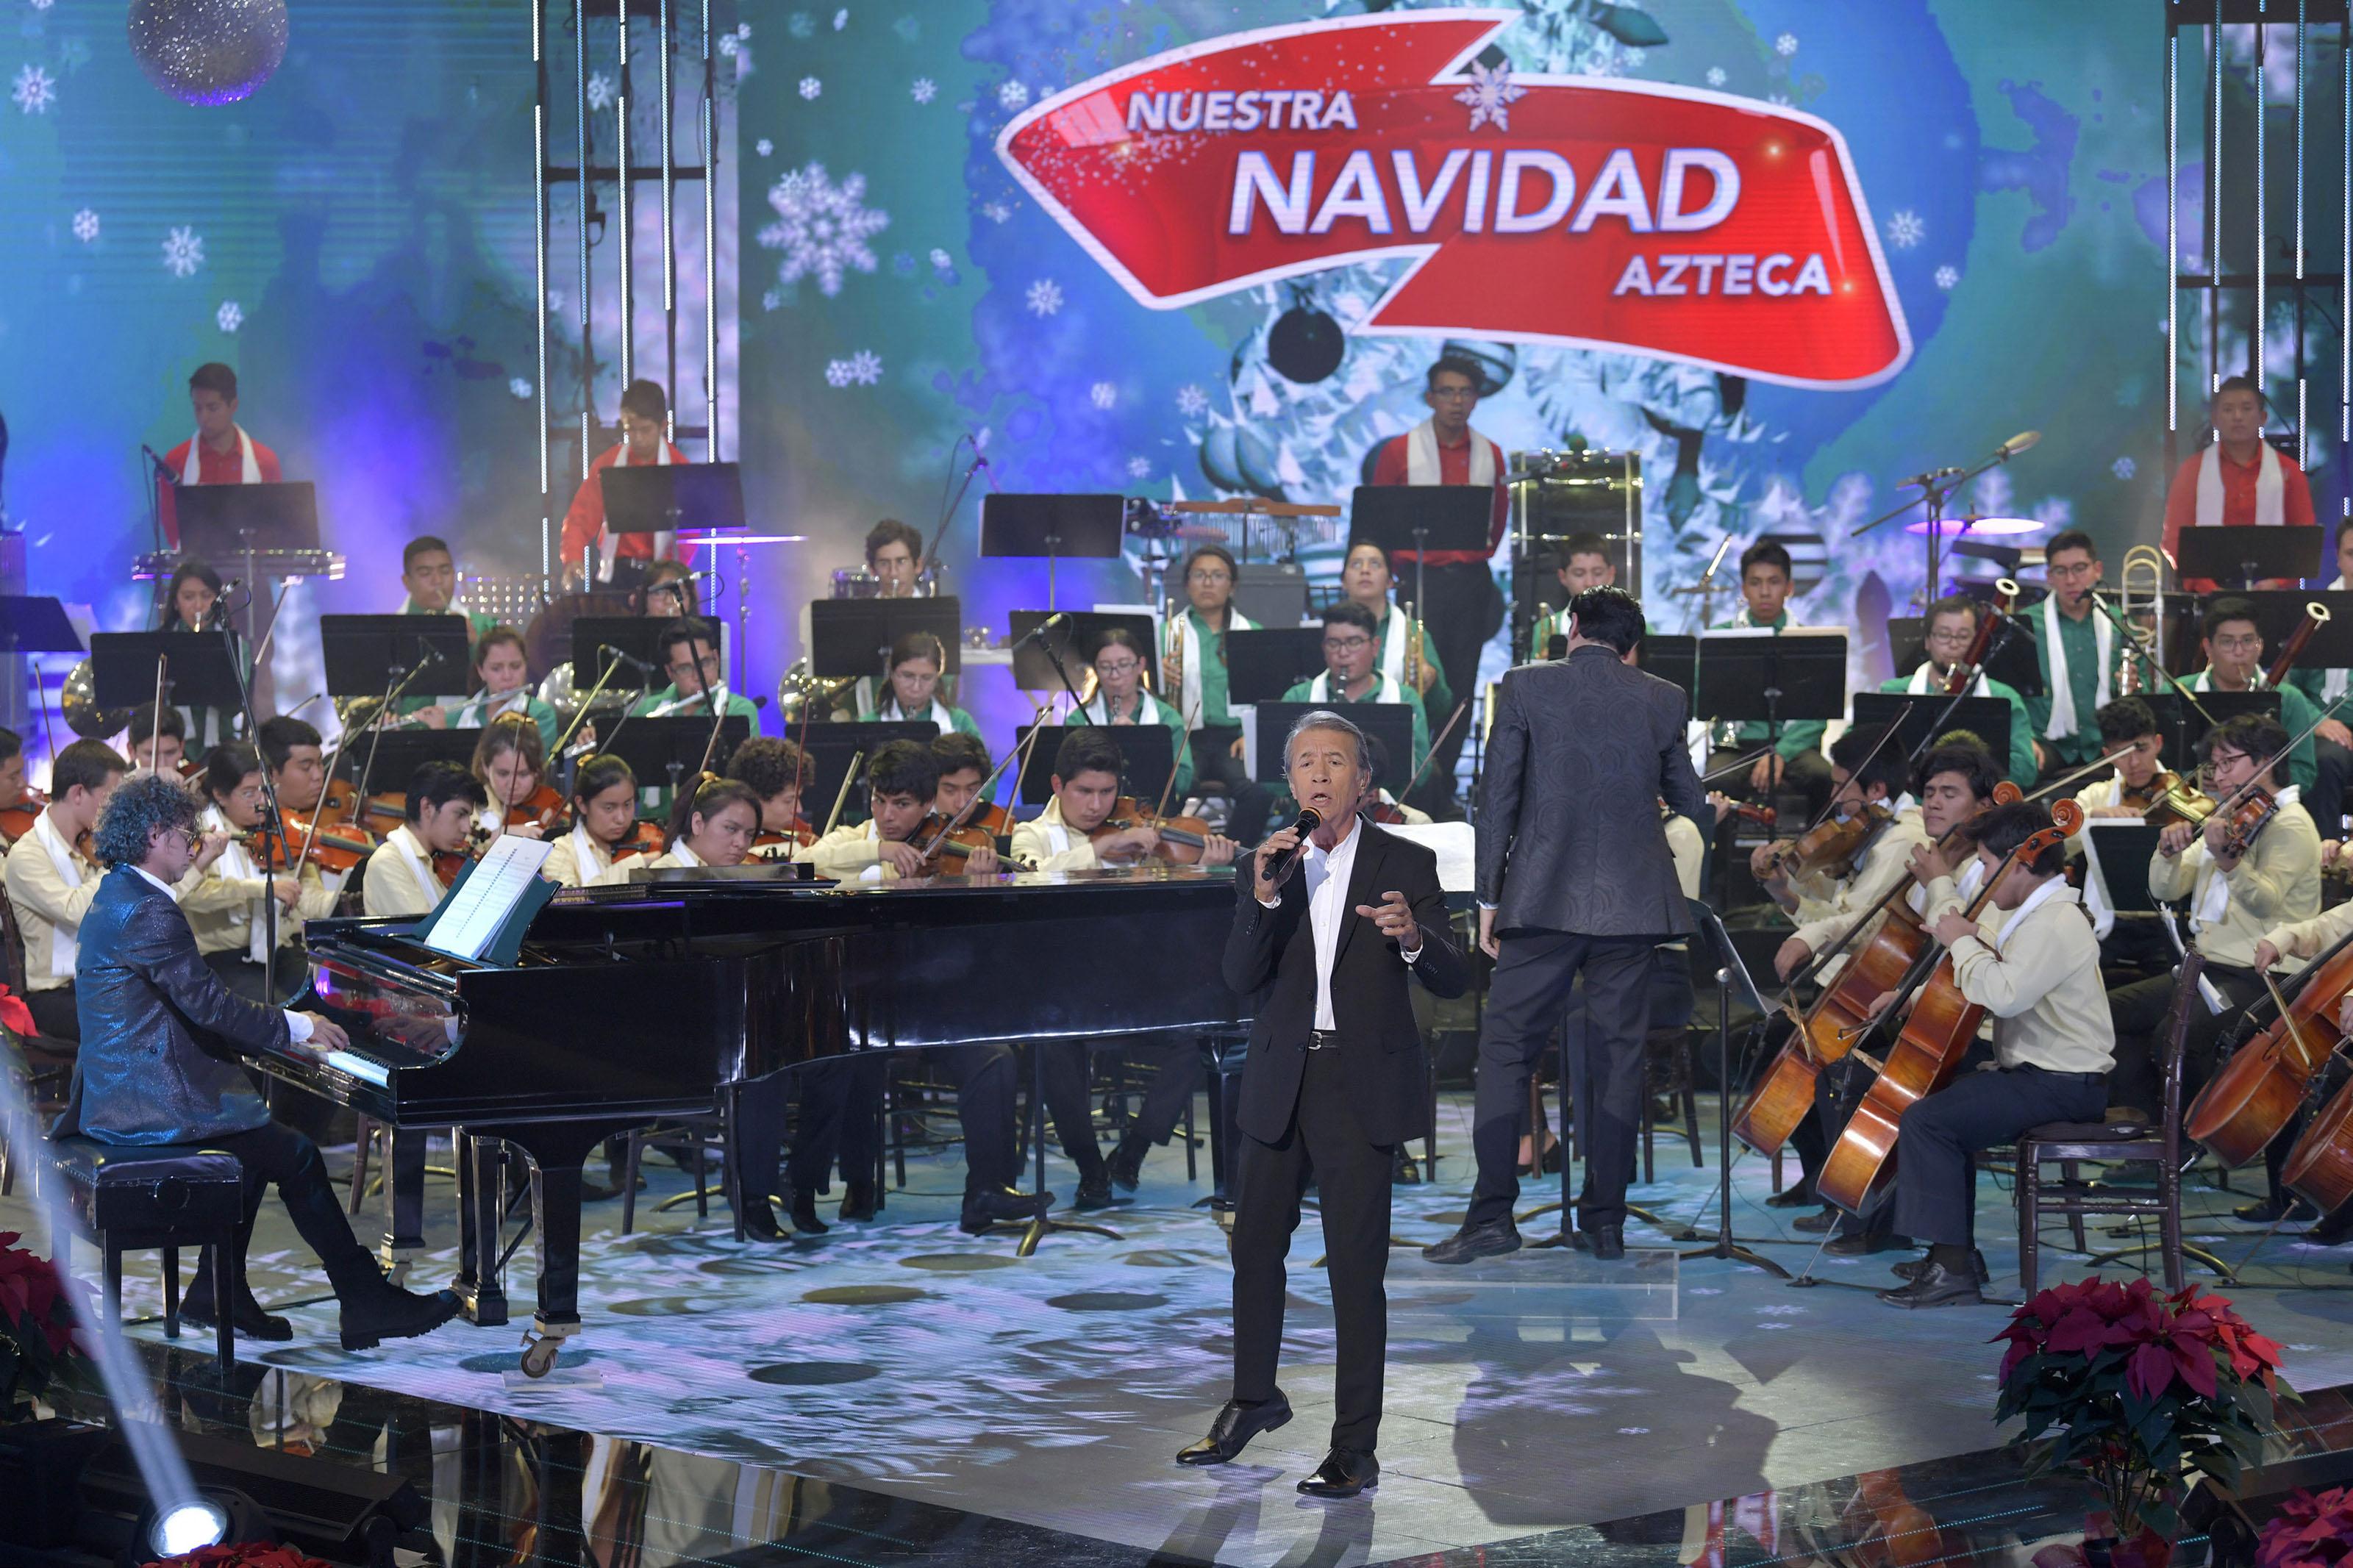 MUSICALES_DE _NAVIDAD_2019_271119_49.jpg